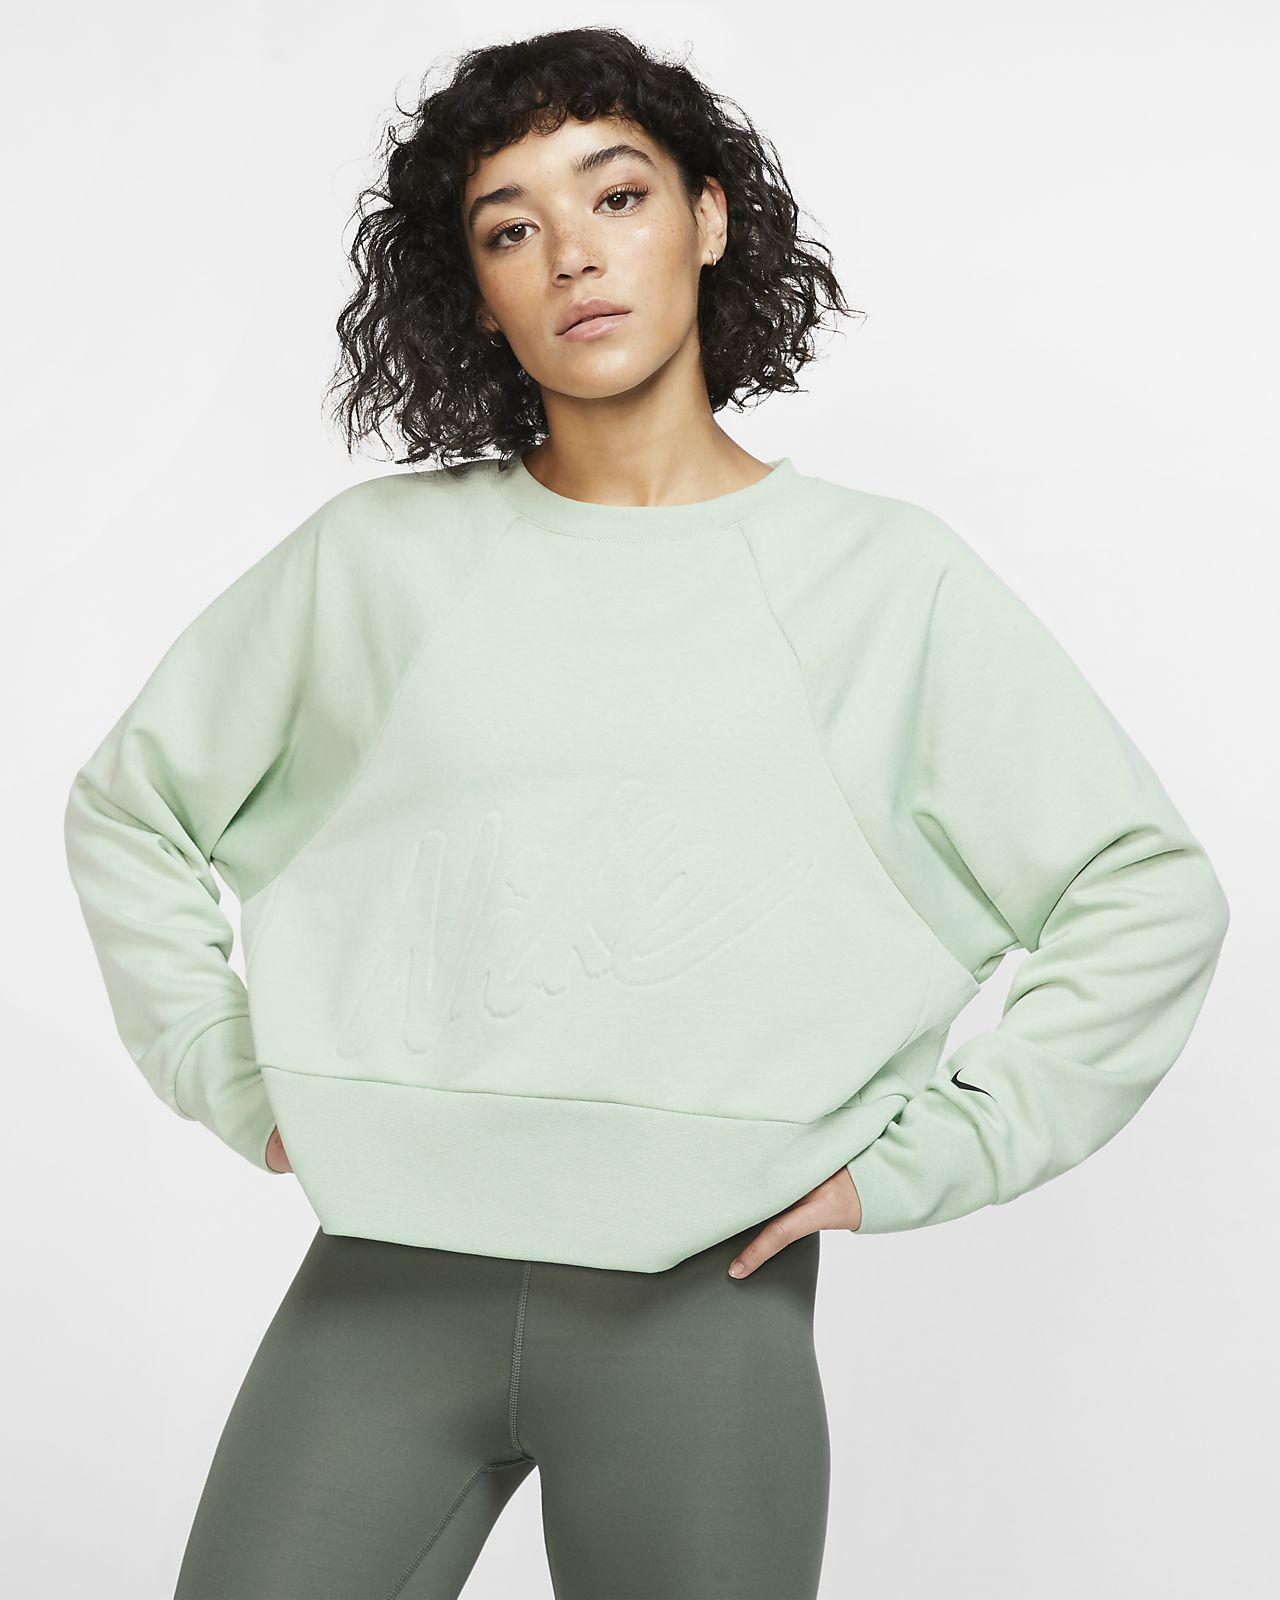 Nike Dri-FIT Get Fit Women's Fleece Training Crew